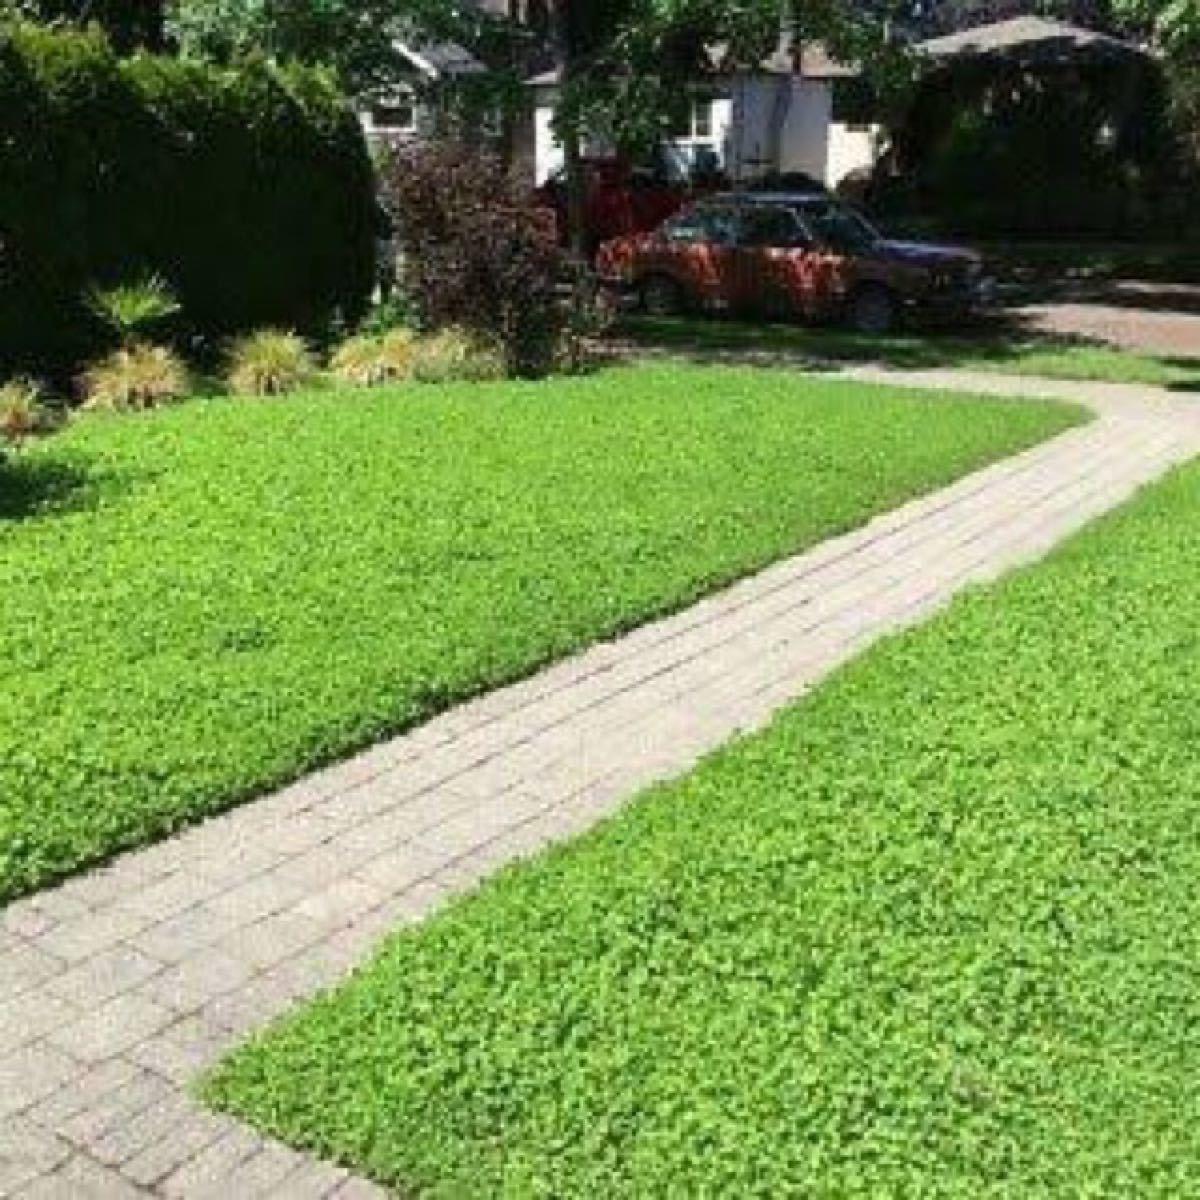 【最安値】ディコンドラ、ダイカンドラ100g種子。お洒落なグランドカバー、芝生へ